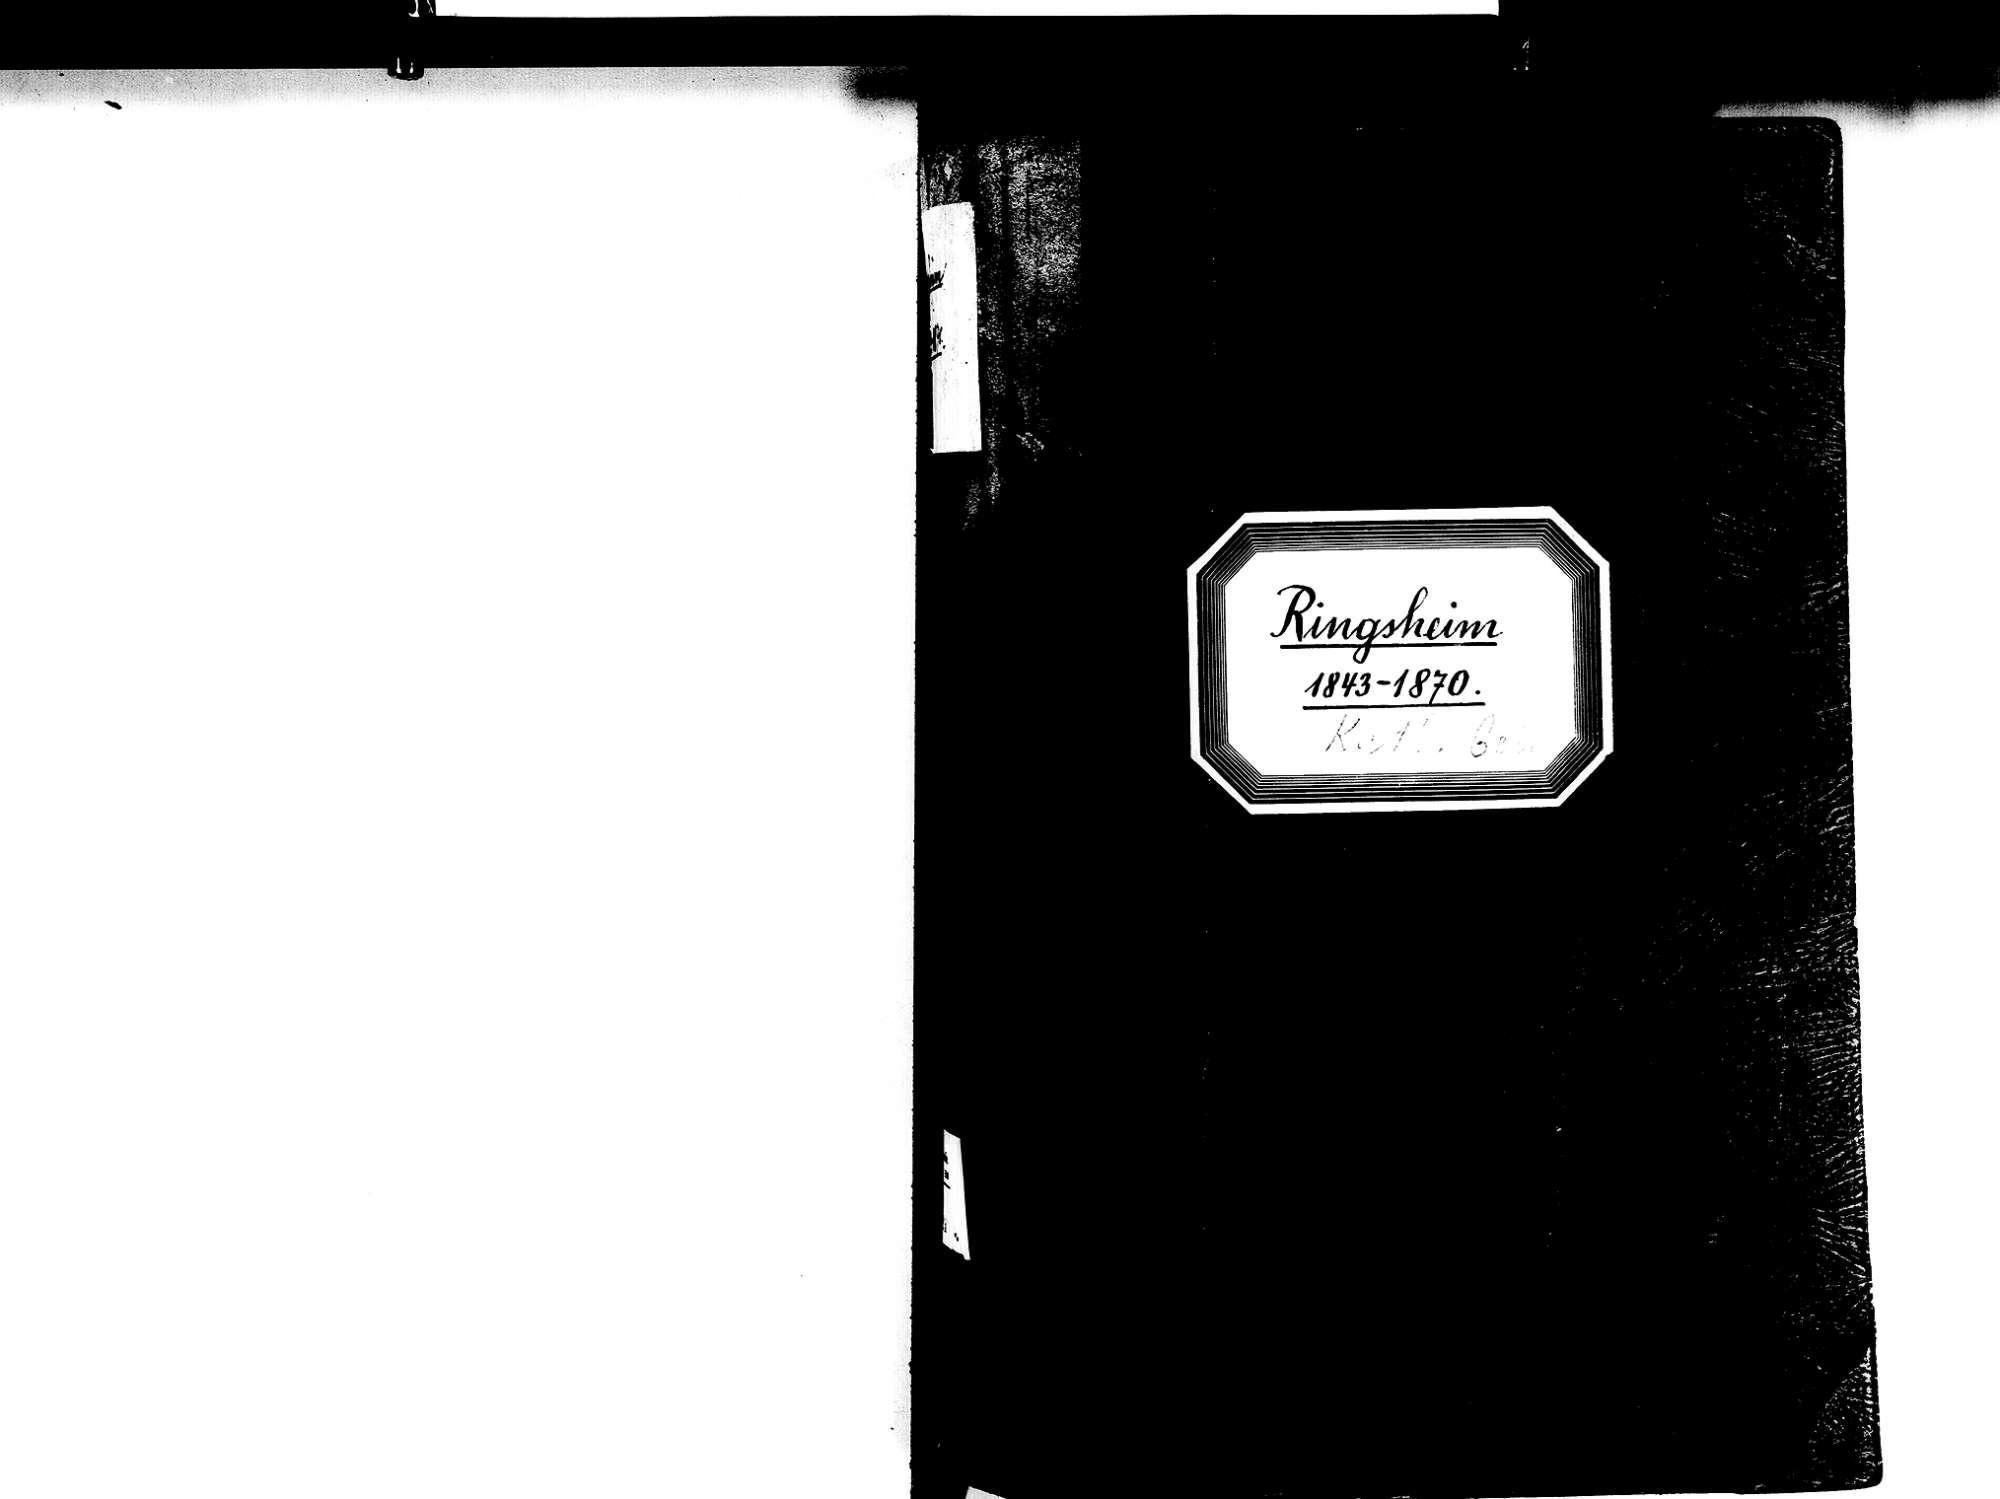 Ringsheim OG; Katholische Gemeinde: Geburtenbuch 1843-1870, Bild 2